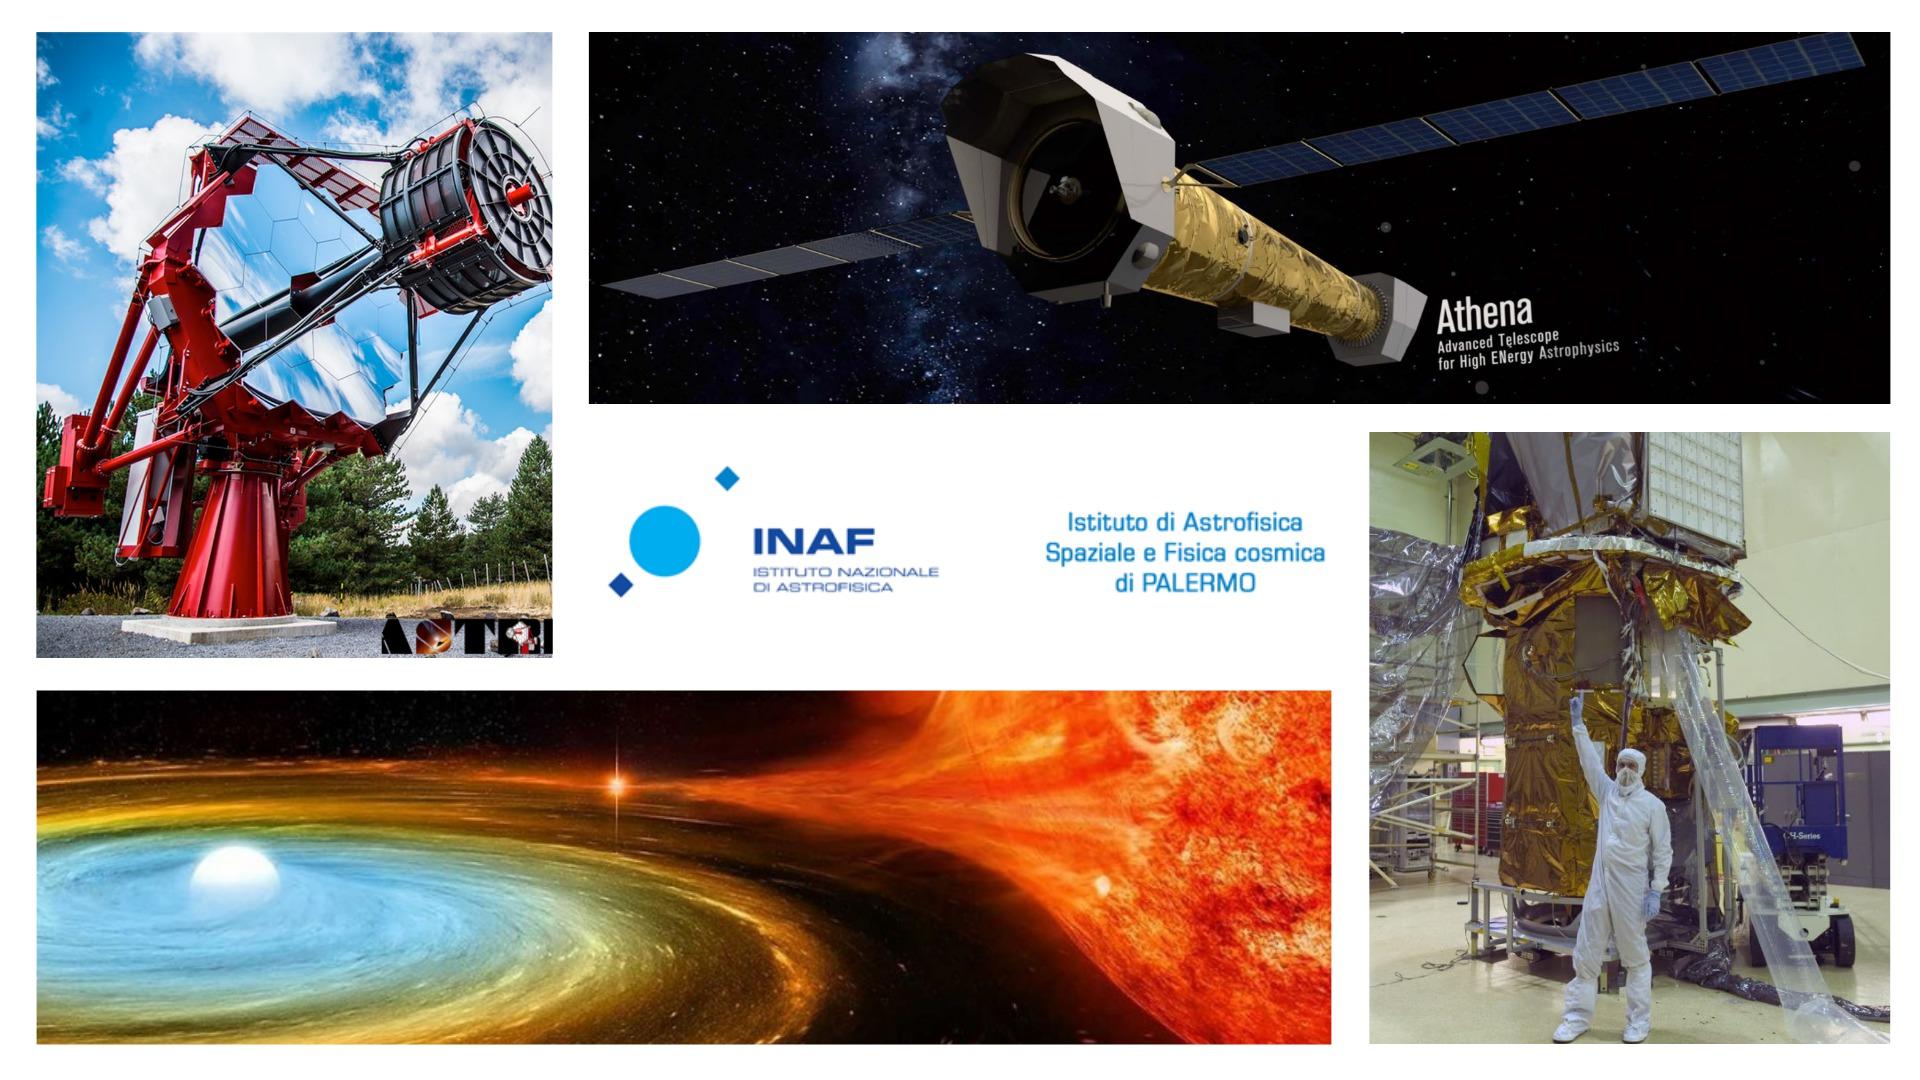 INAF - Istituto di Astrofisica Spaziale e Fisica Cosmica di Palermo